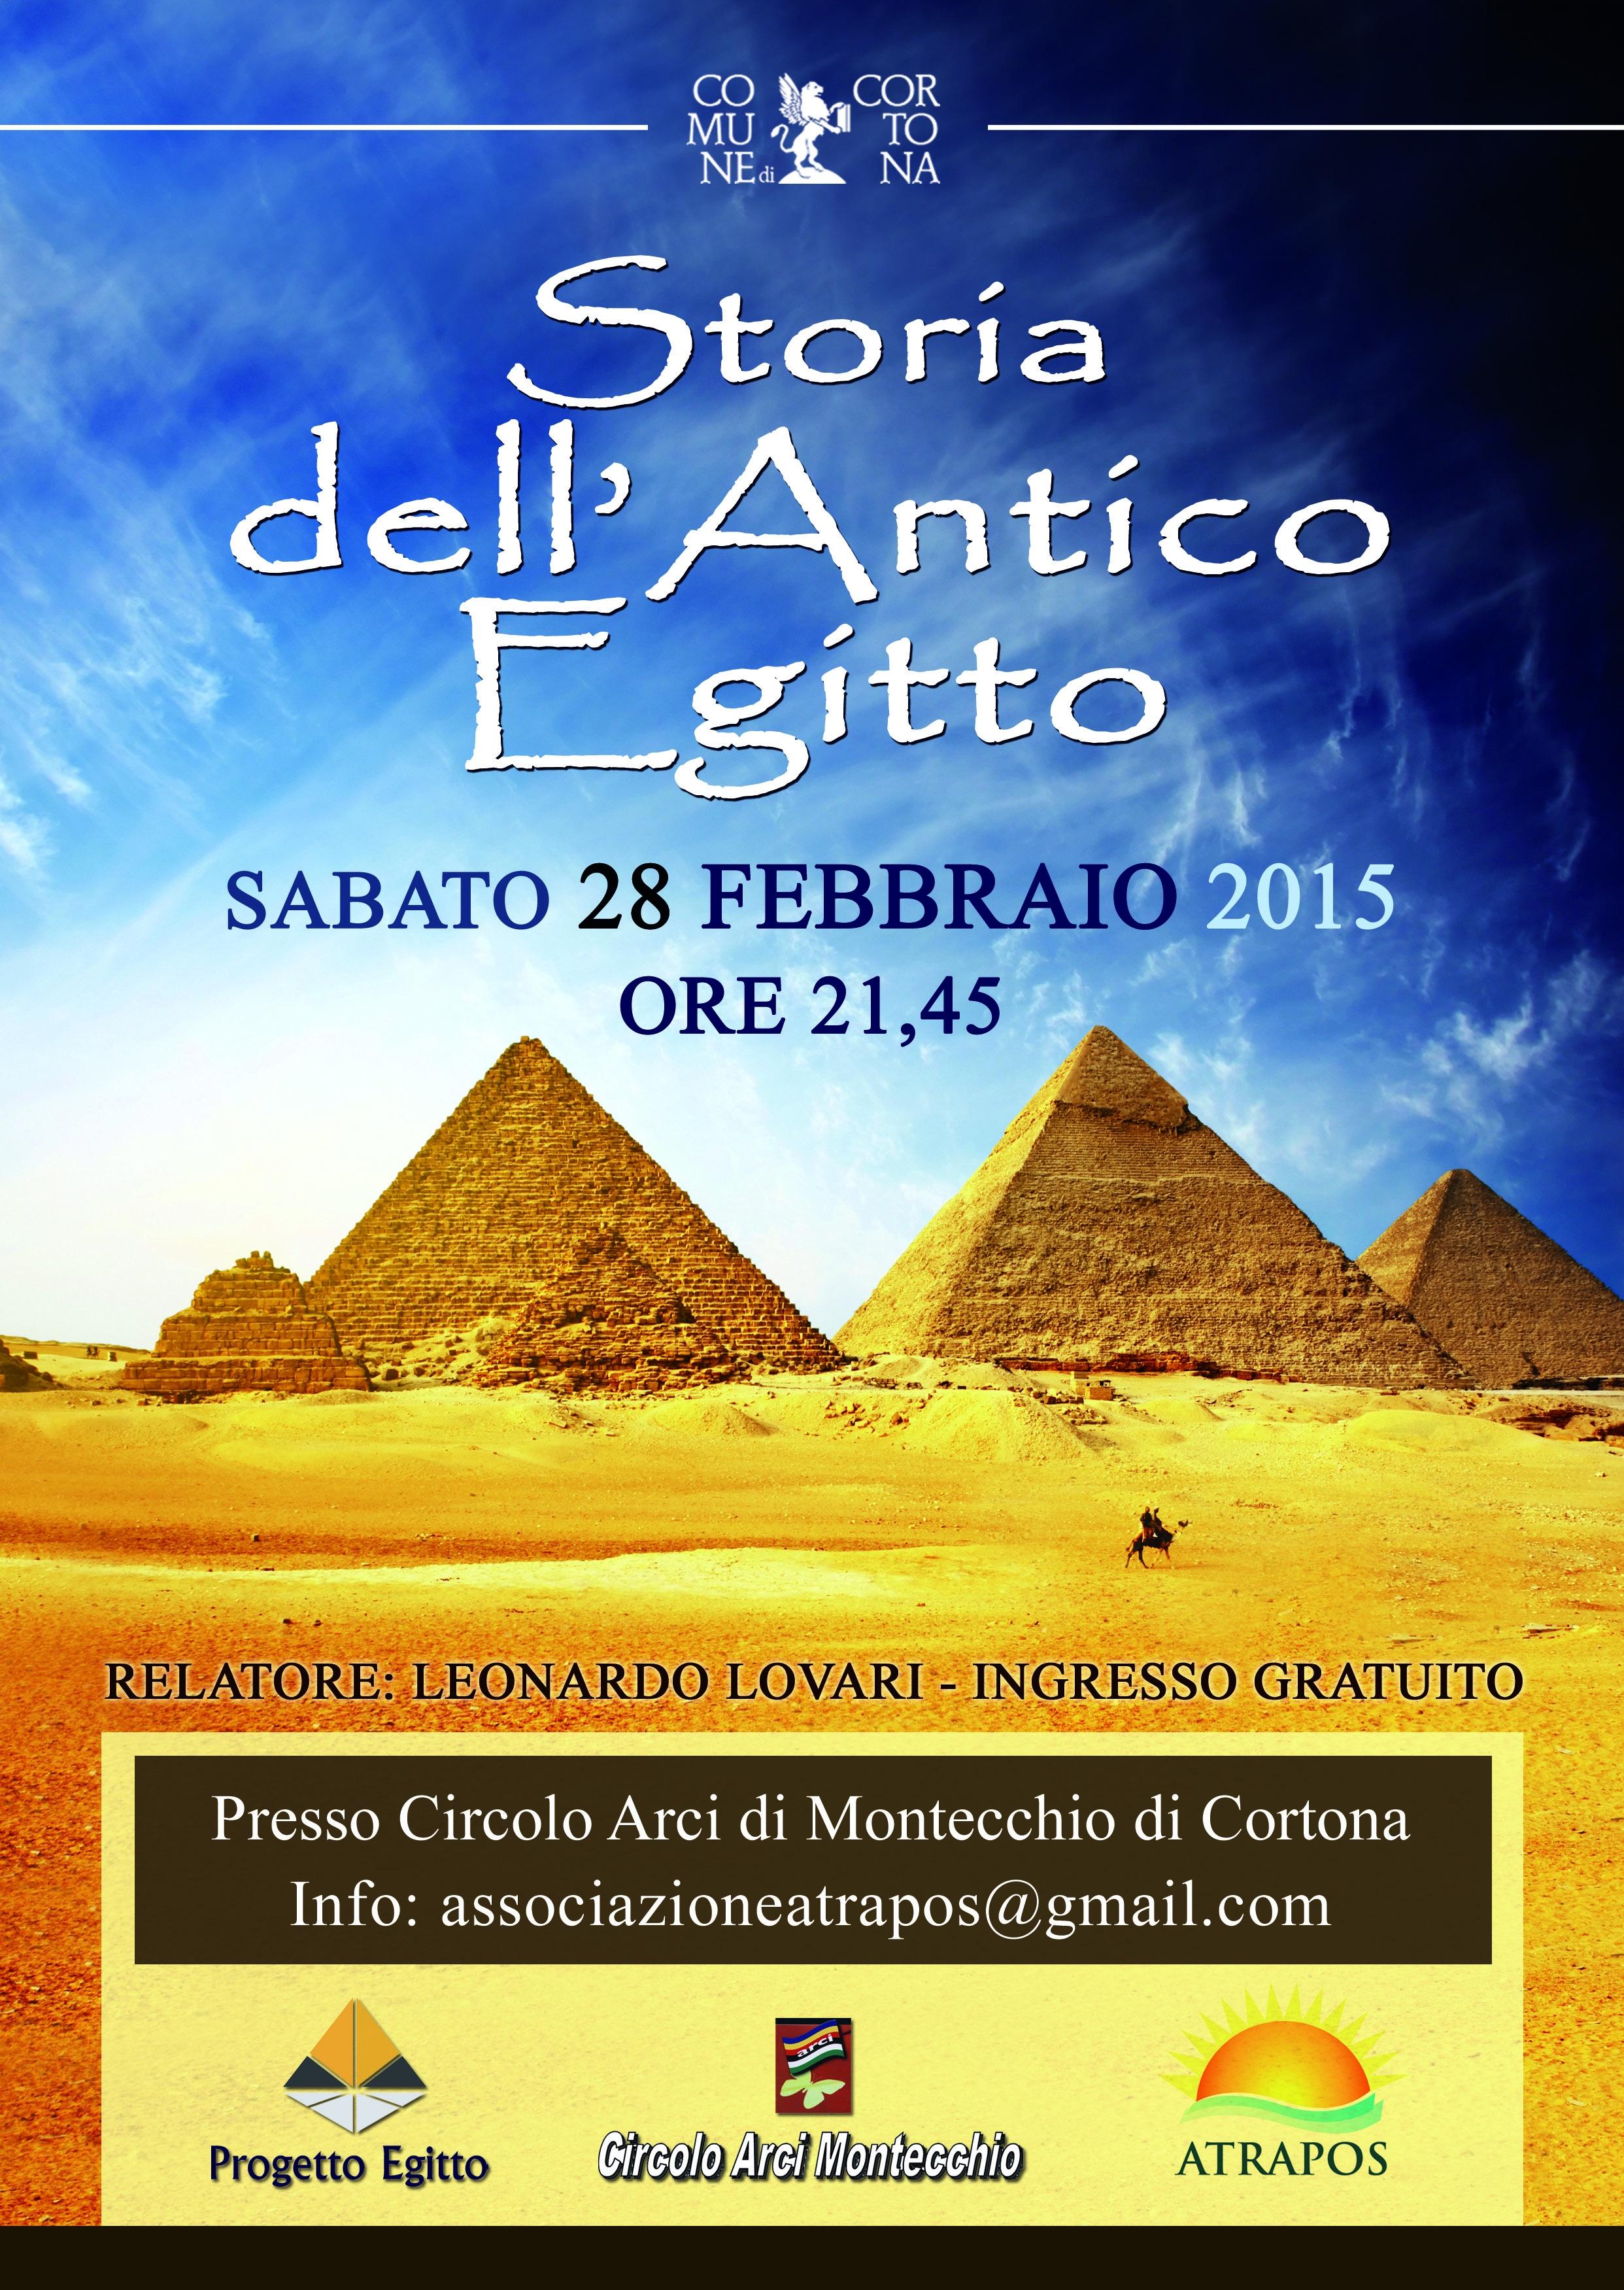 Storia dell'Antico Egitto, conferenza di Leonardo Lovari a Montecchio